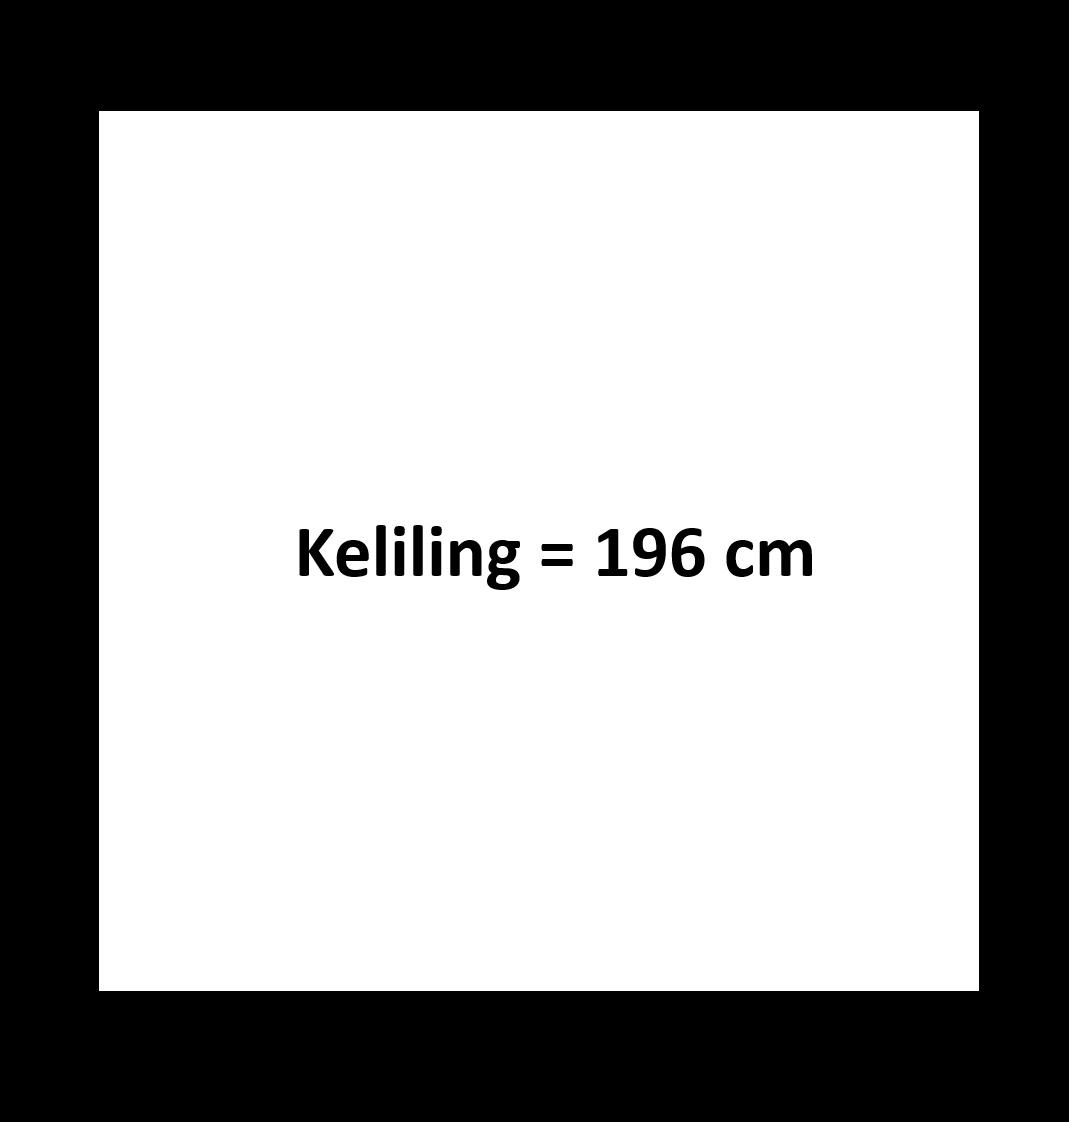 Gambar keliling persegi 196 cm